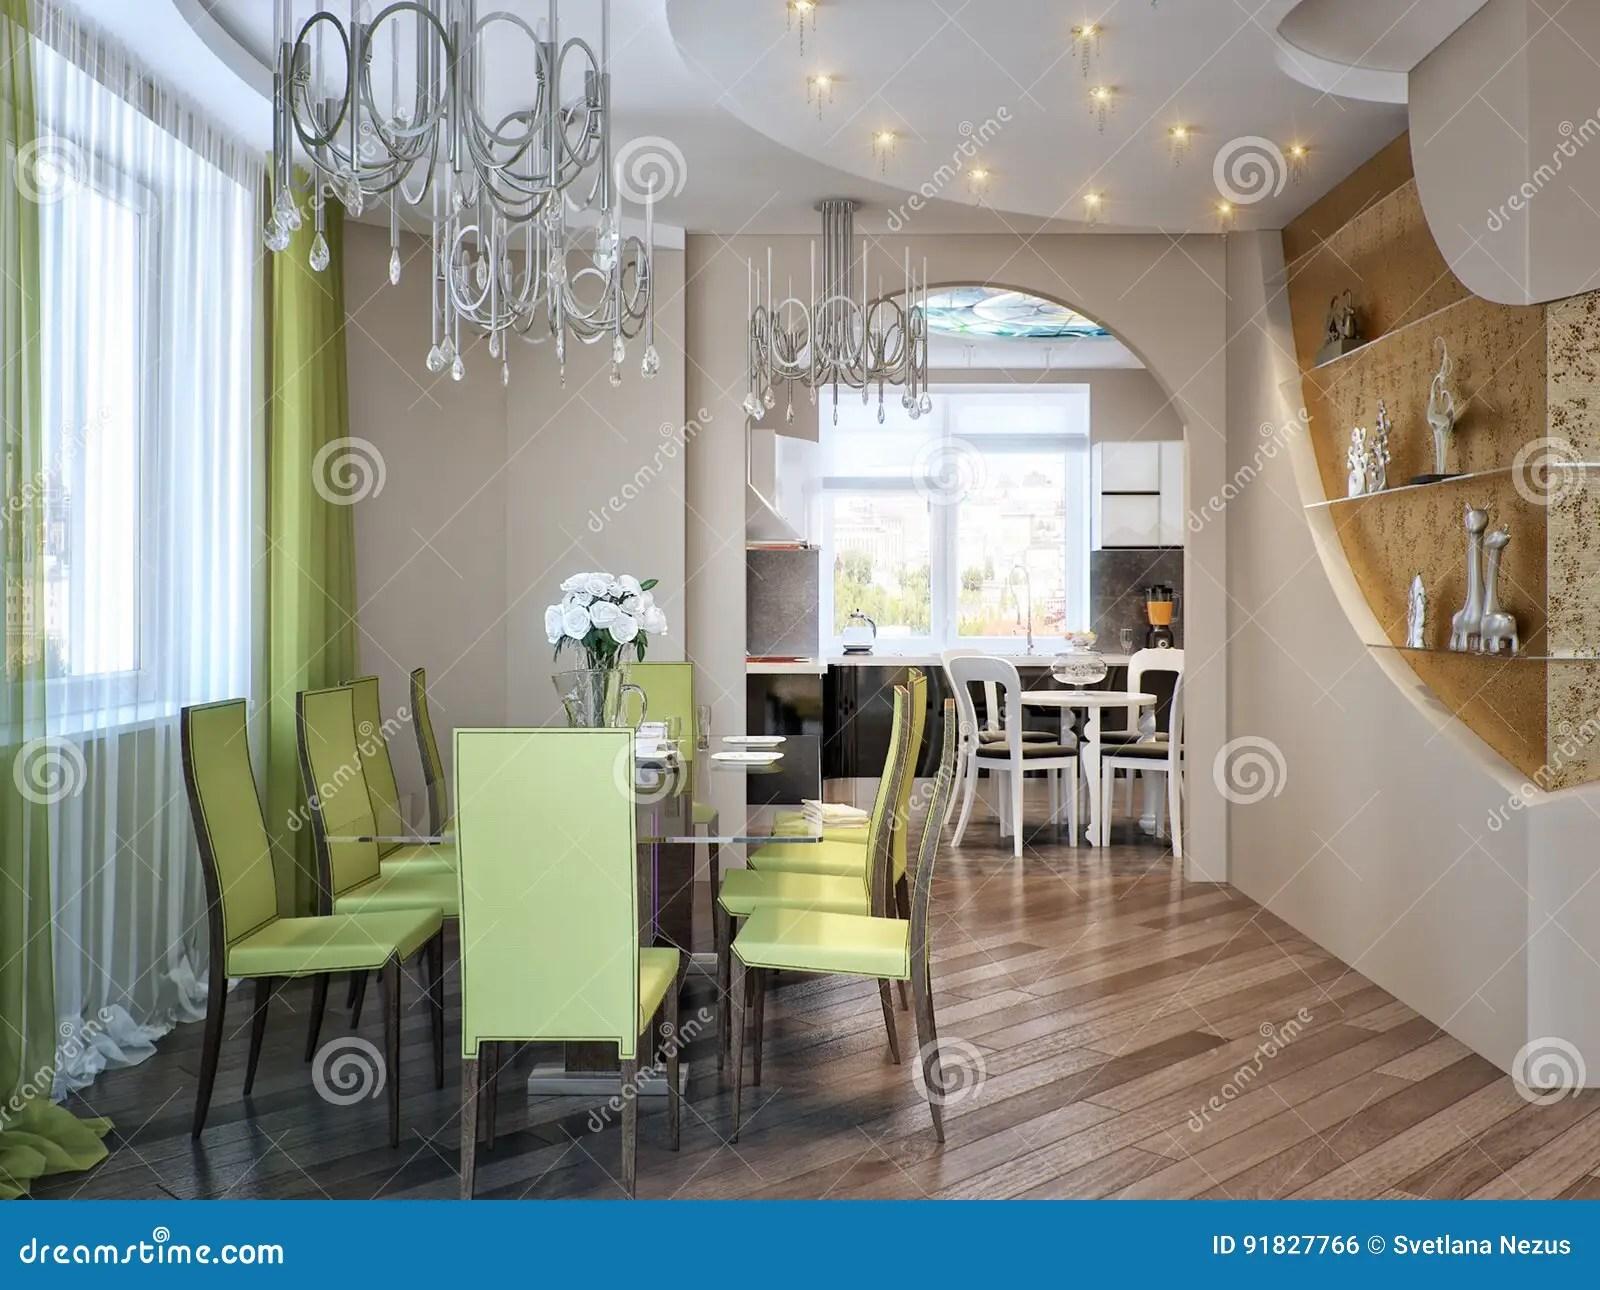 Cucina Sala | Sala Da Pranzo Con La Vista Della Cucina Immagine ...